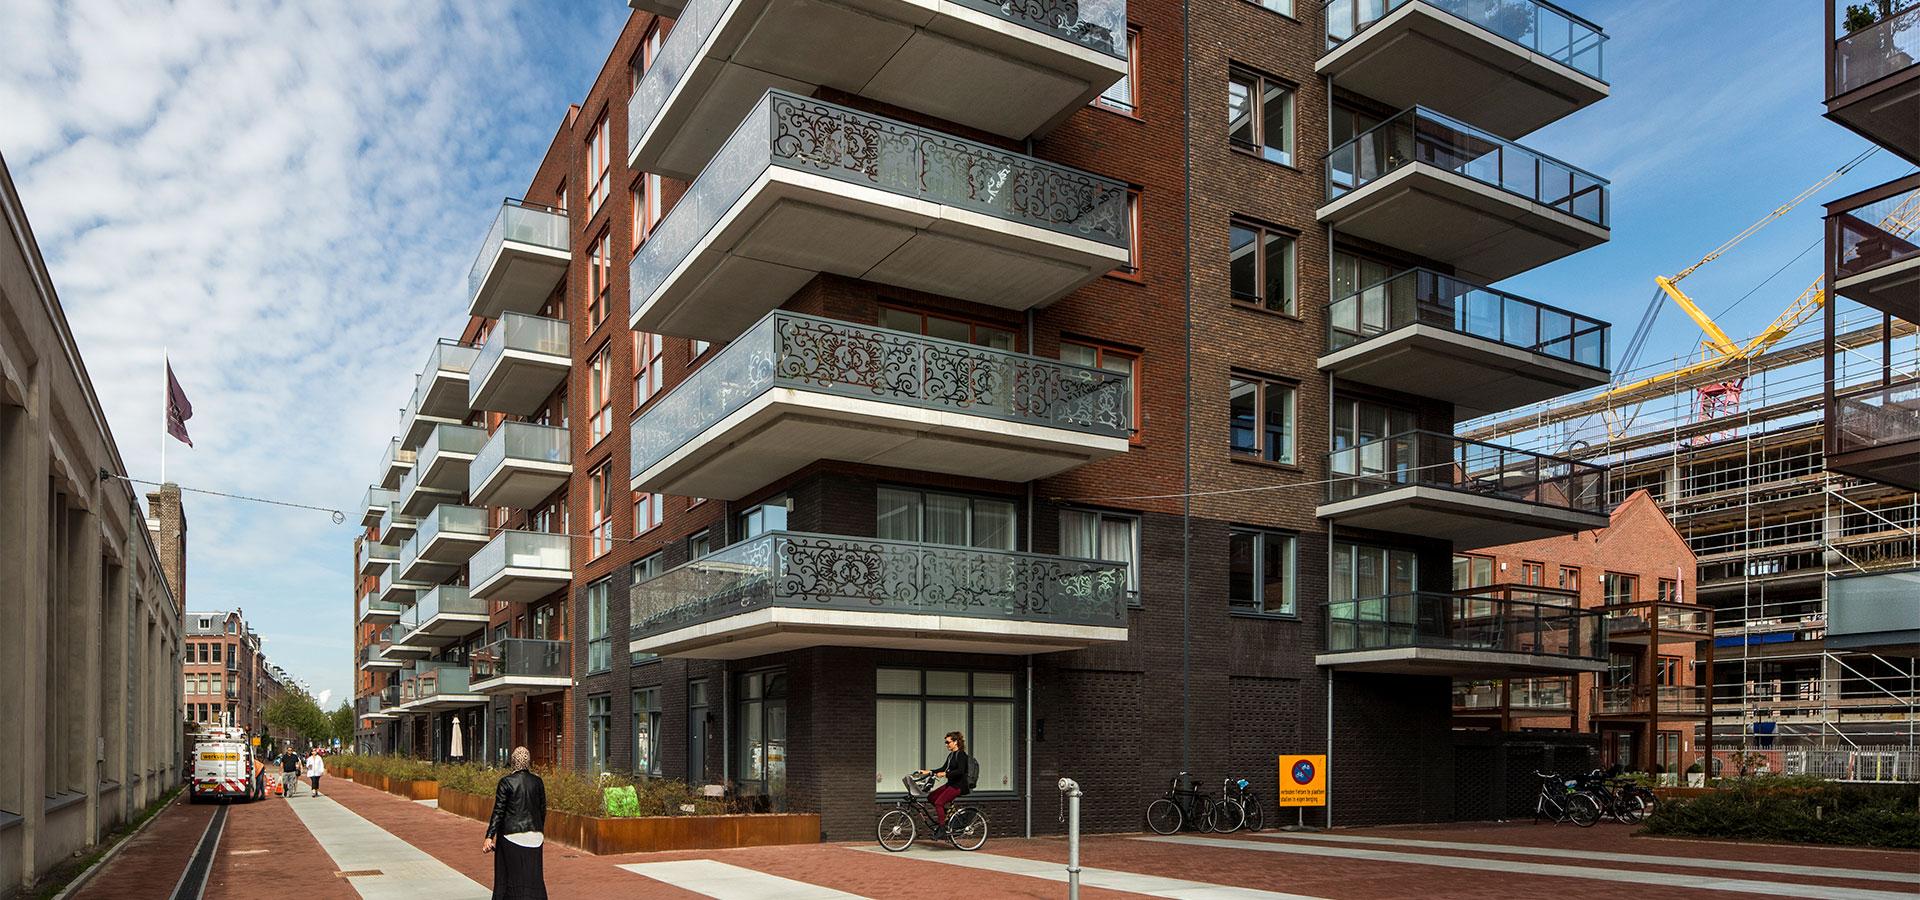 FARO architecten Kwintijn fase 2 Amsterdam 03